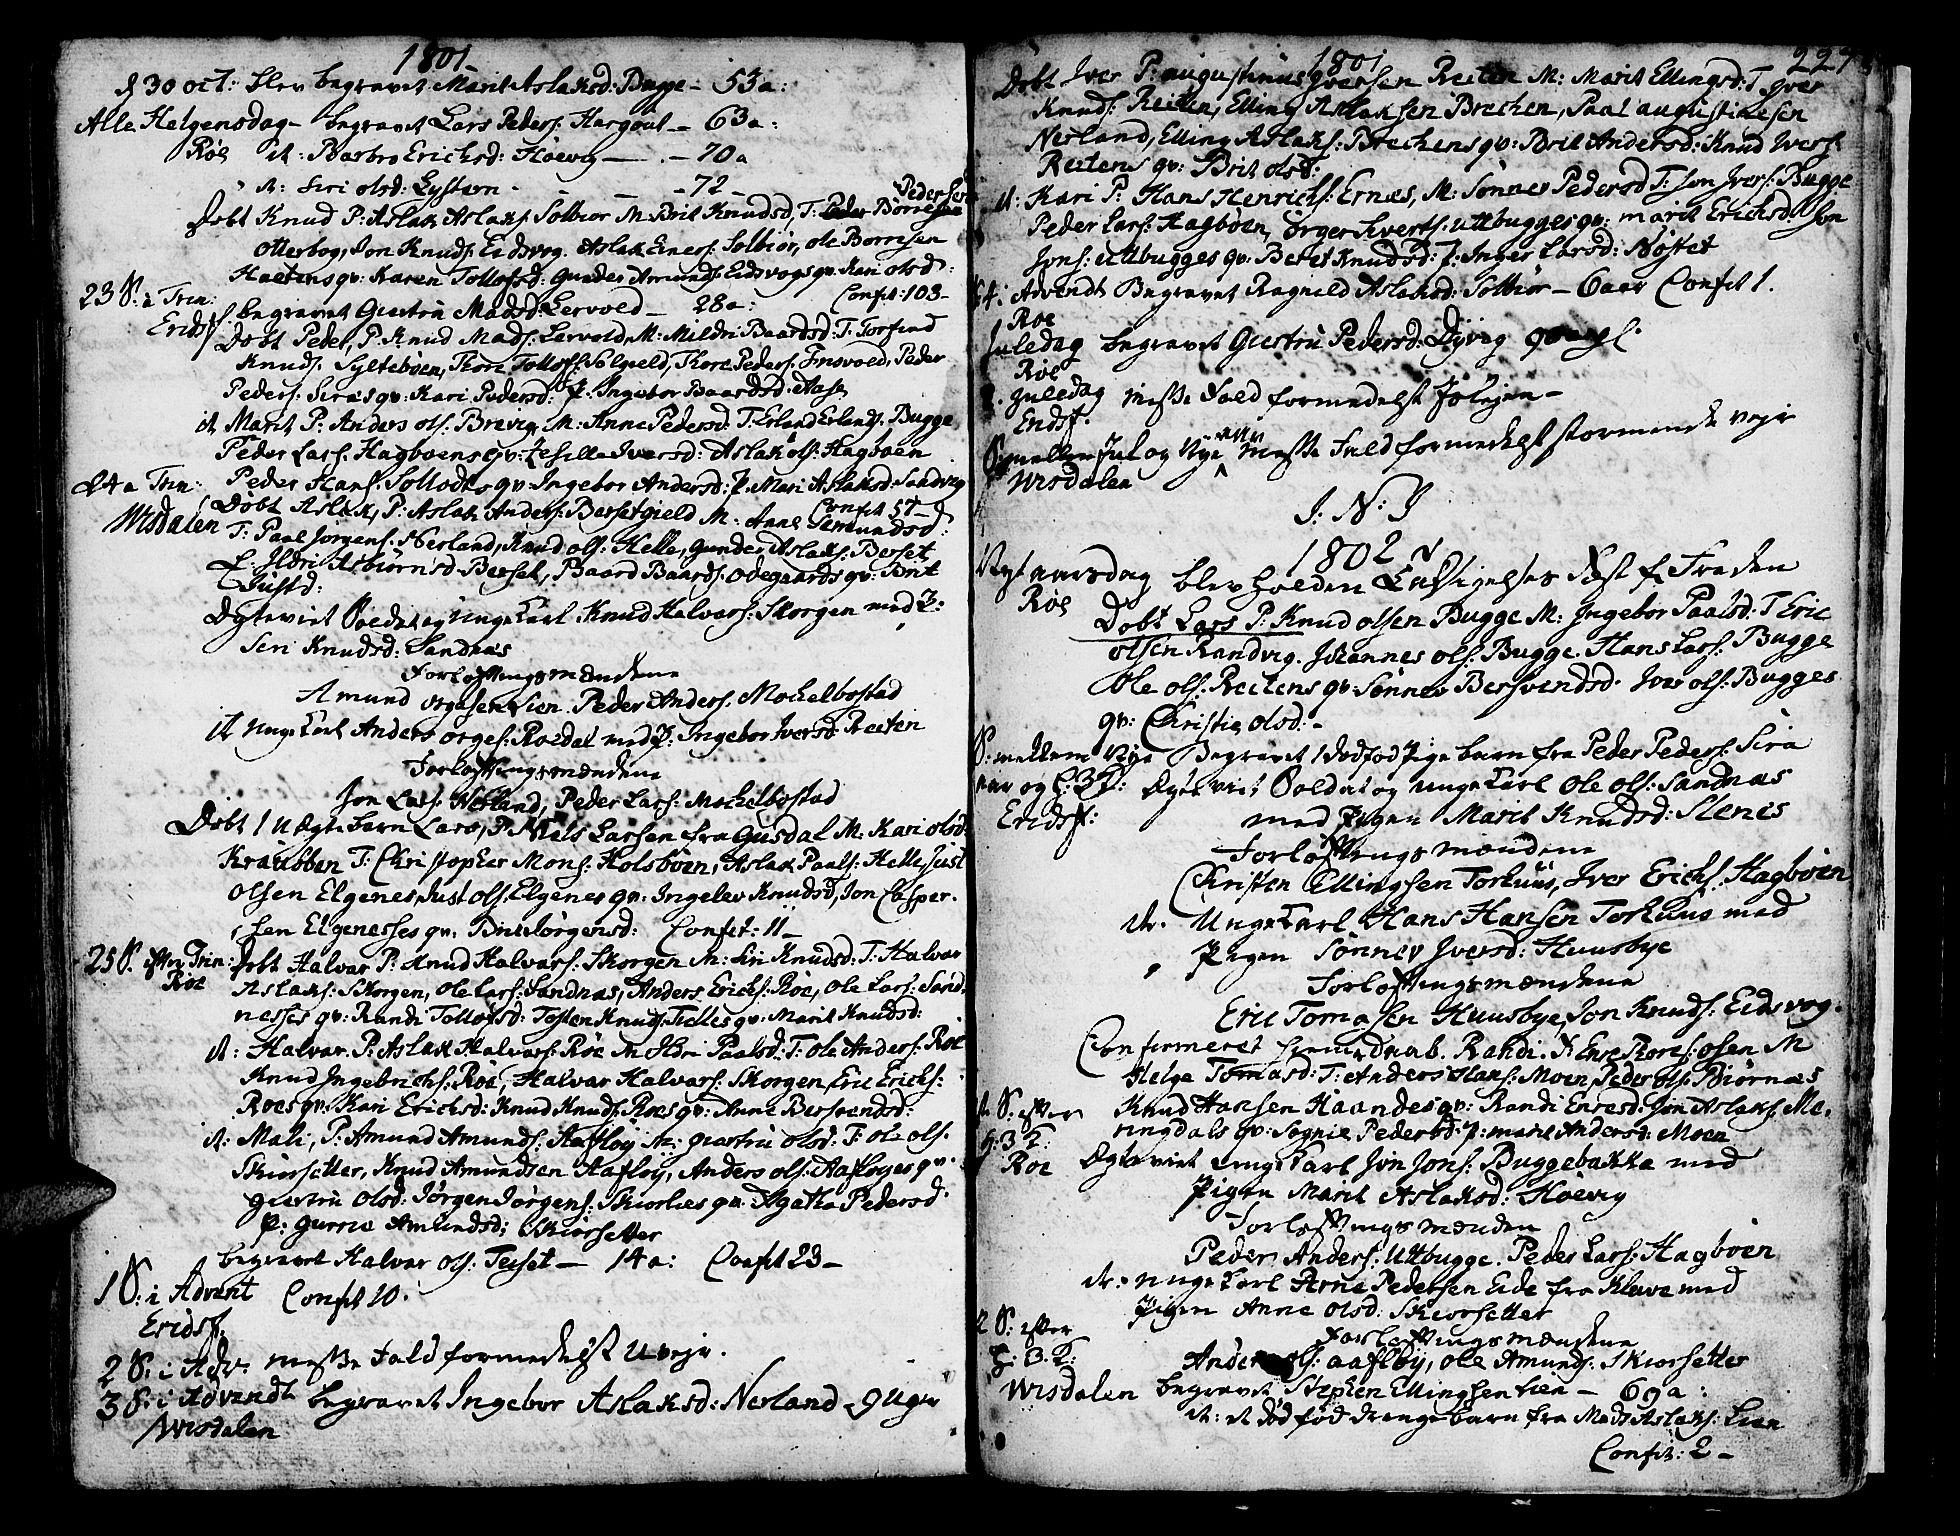 SAT, Ministerialprotokoller, klokkerbøker og fødselsregistre - Møre og Romsdal, 551/L0621: Ministerialbok nr. 551A01, 1757-1803, s. 227